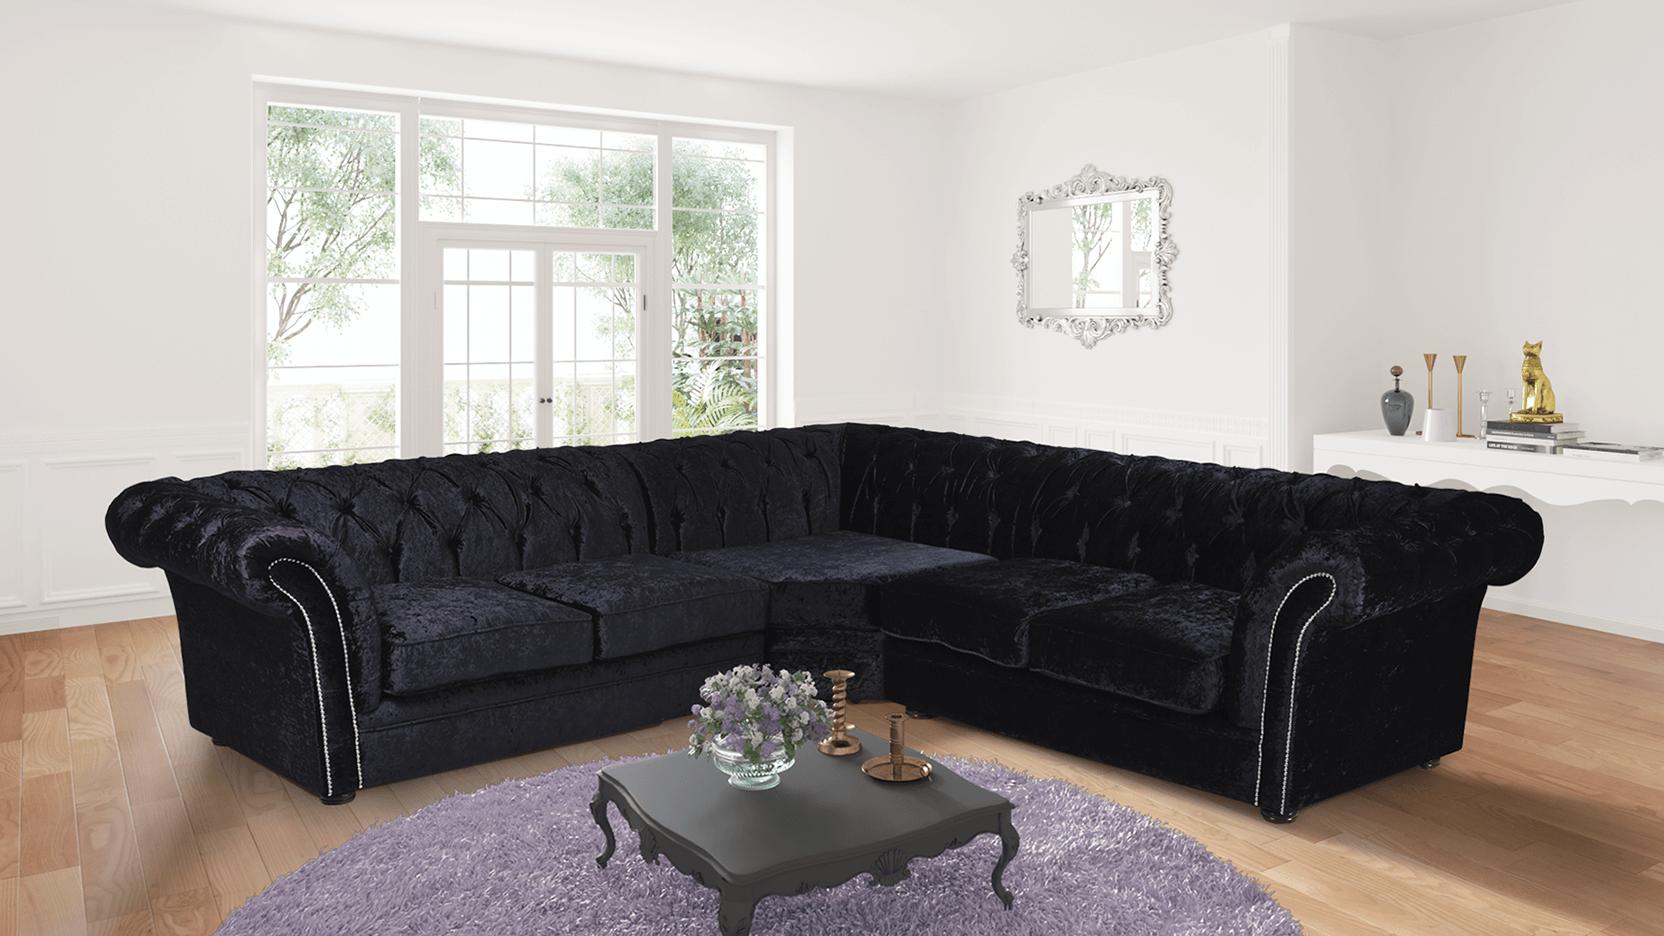 black corner sofa Crushed Velvet Chesterfield black corner sofa 2c2 Nelson sofa CEGDYPR